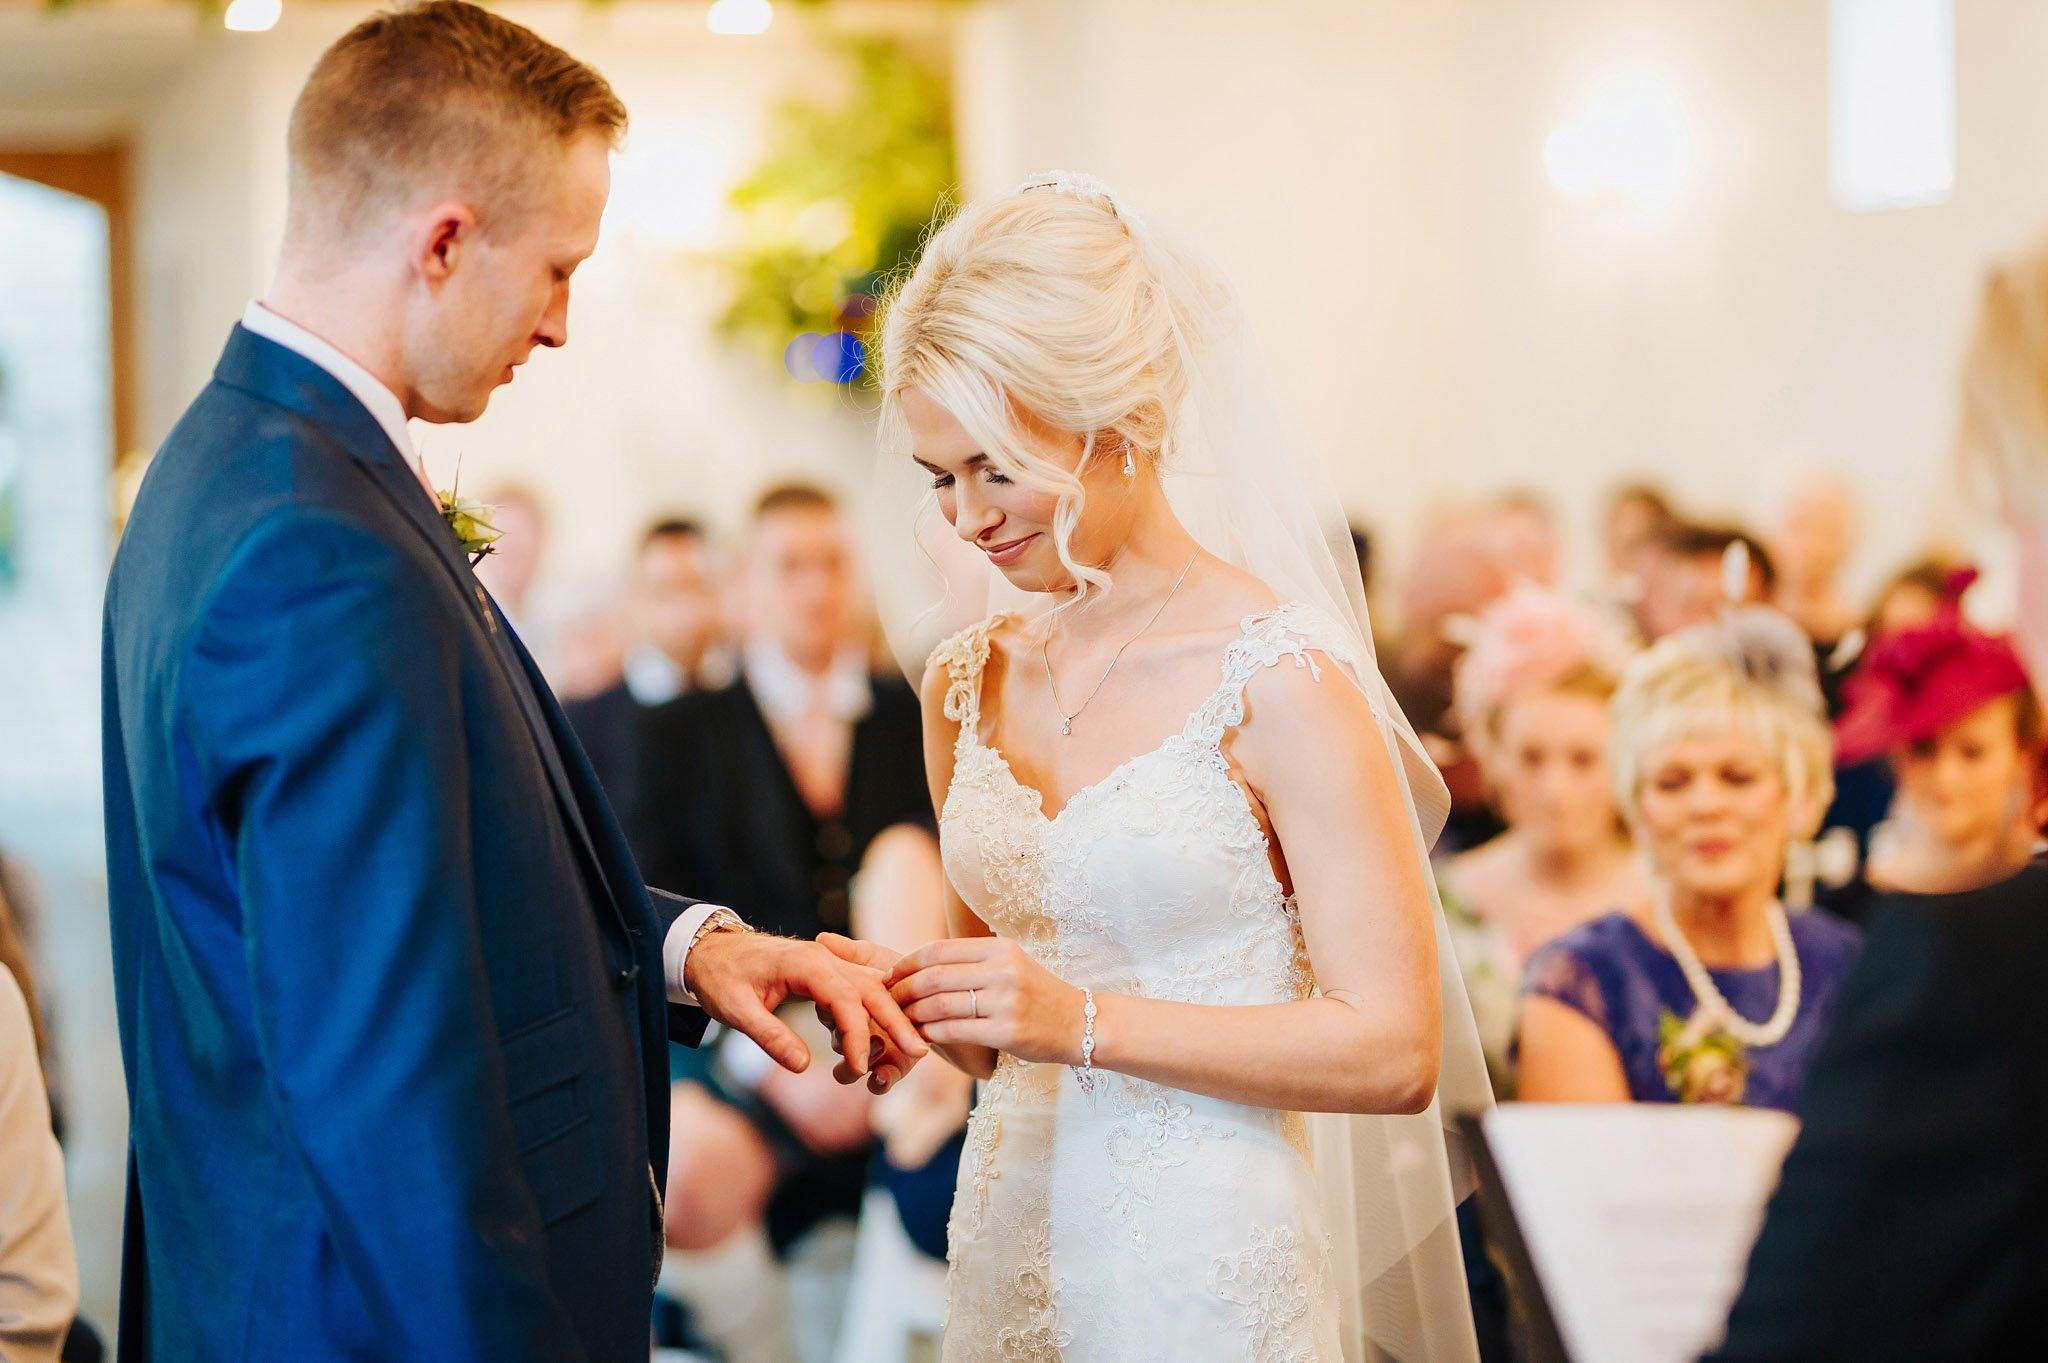 Lemore Manor wedding, Herefordshire - West Midlands | Sadie + Ken 34